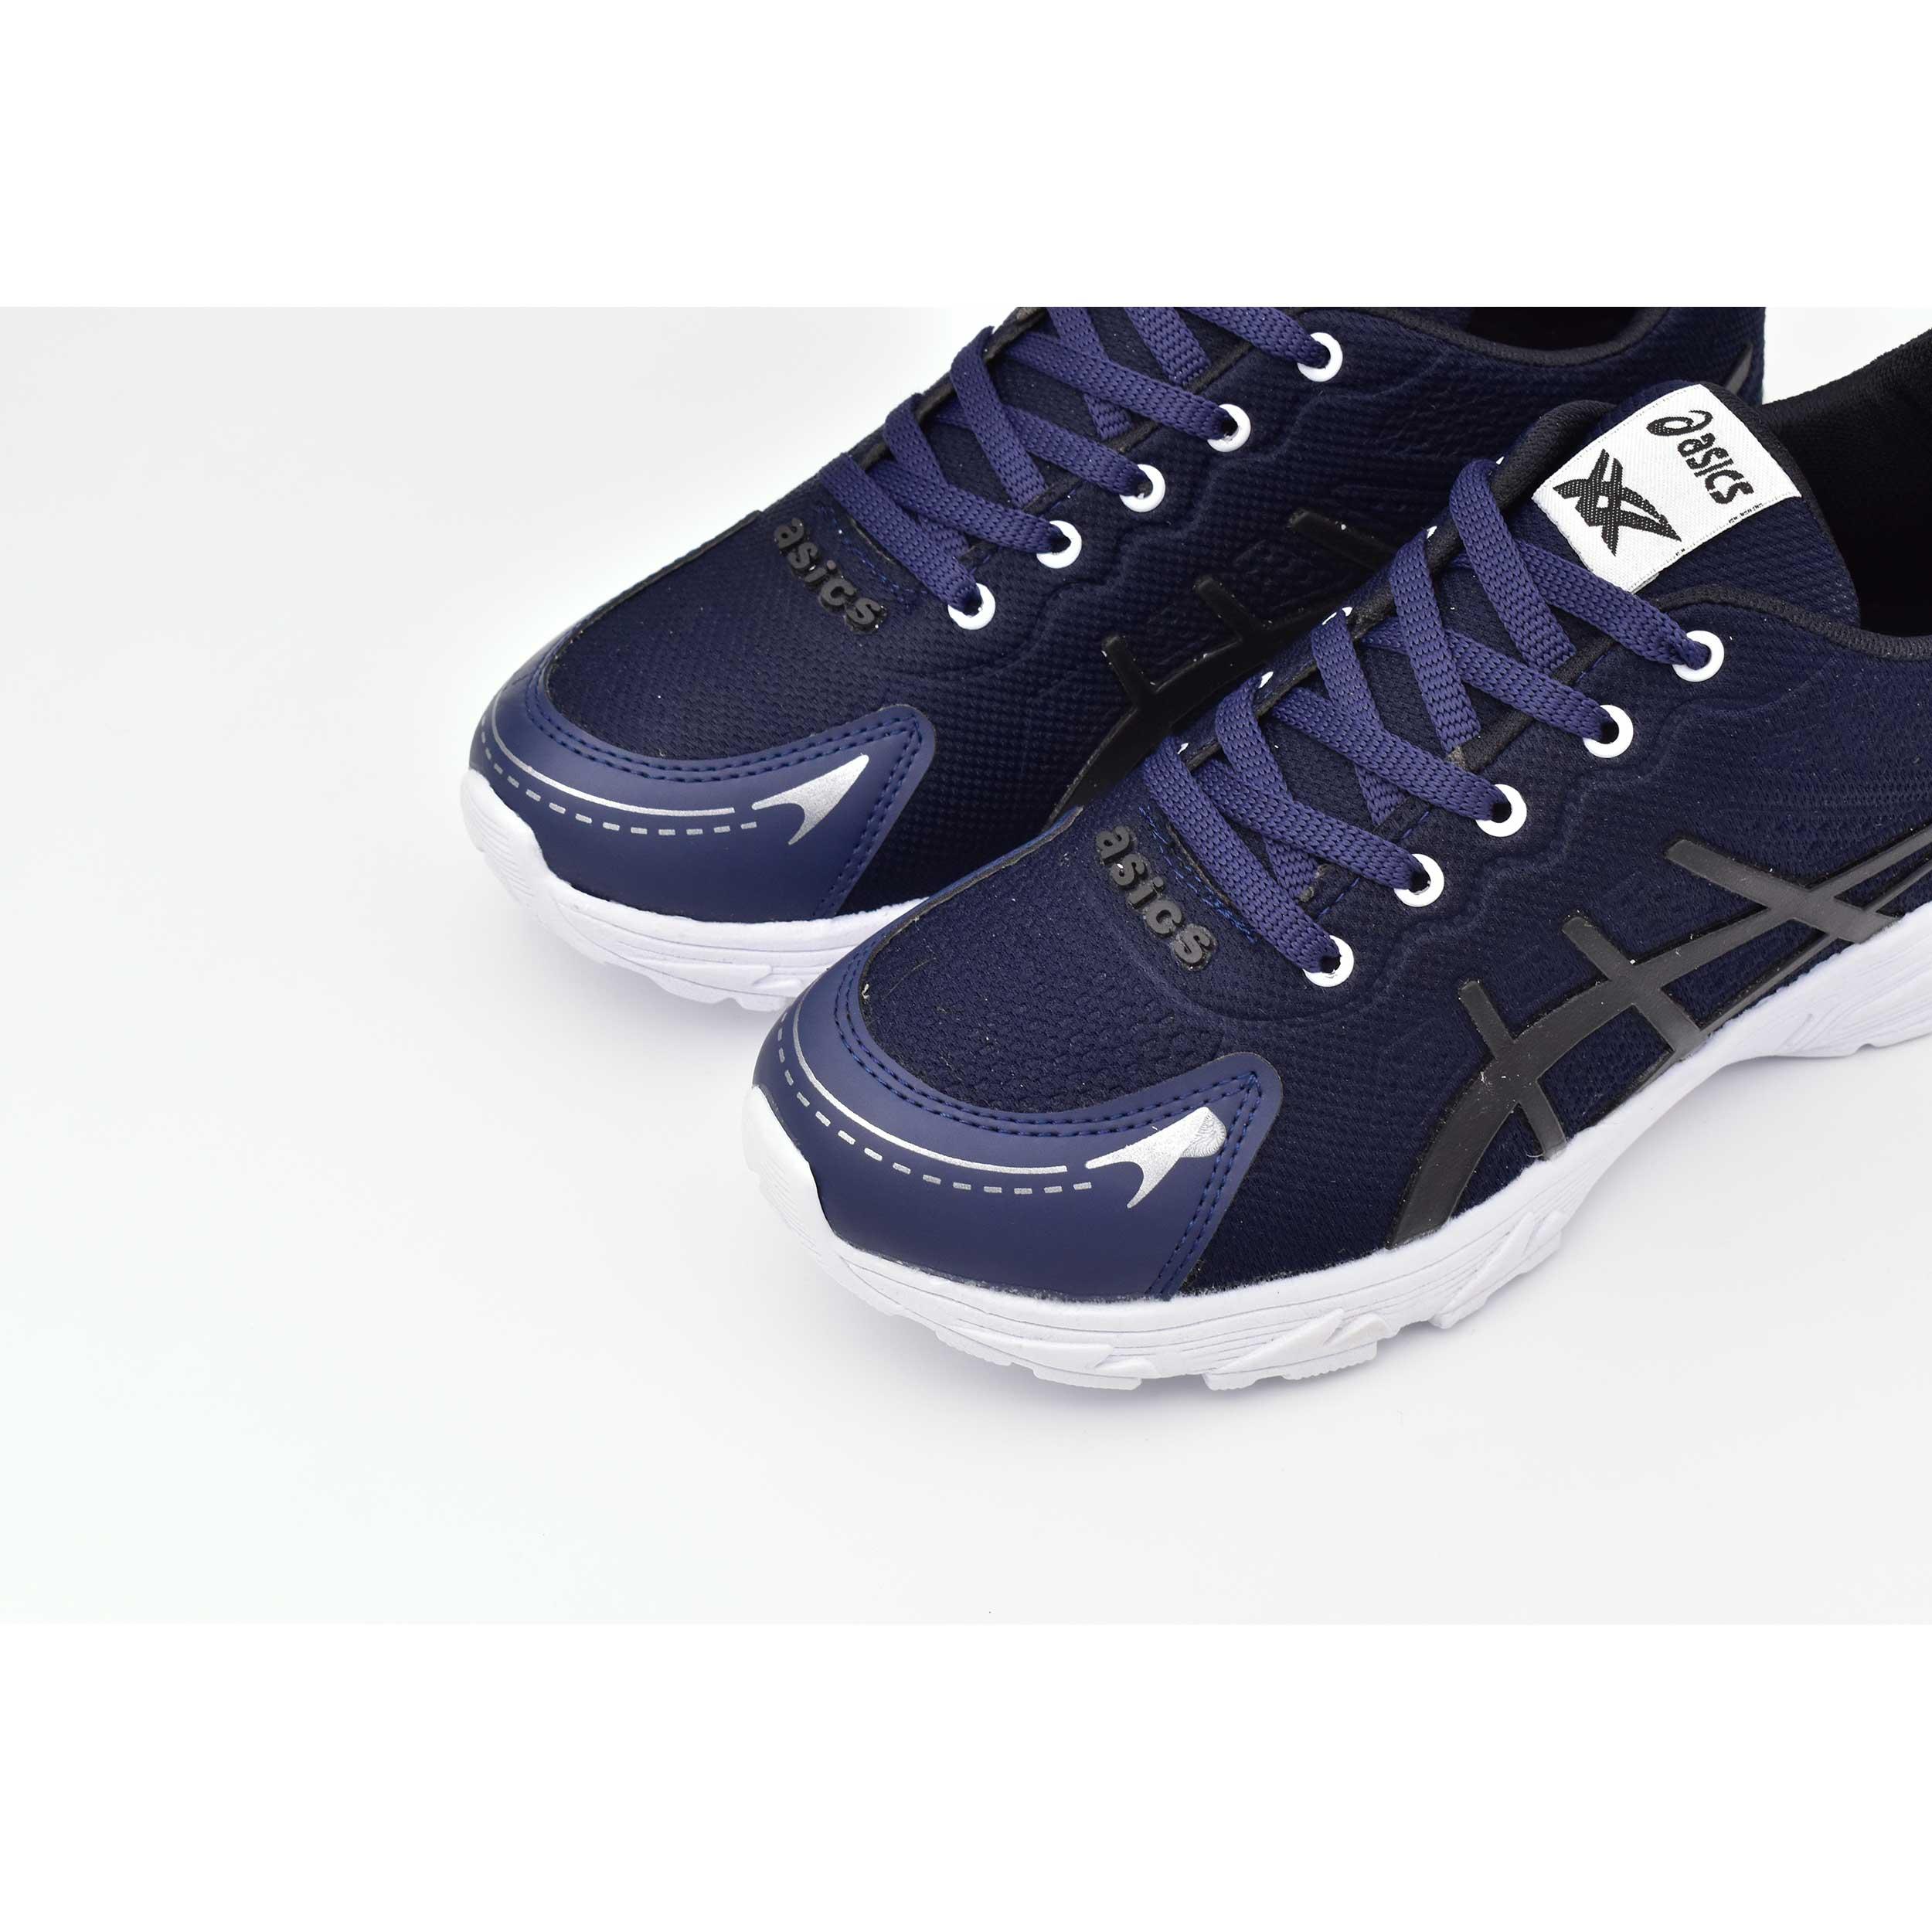 خرید                      کفش  پیاده روی مردانه مدل اسکان کد 7571